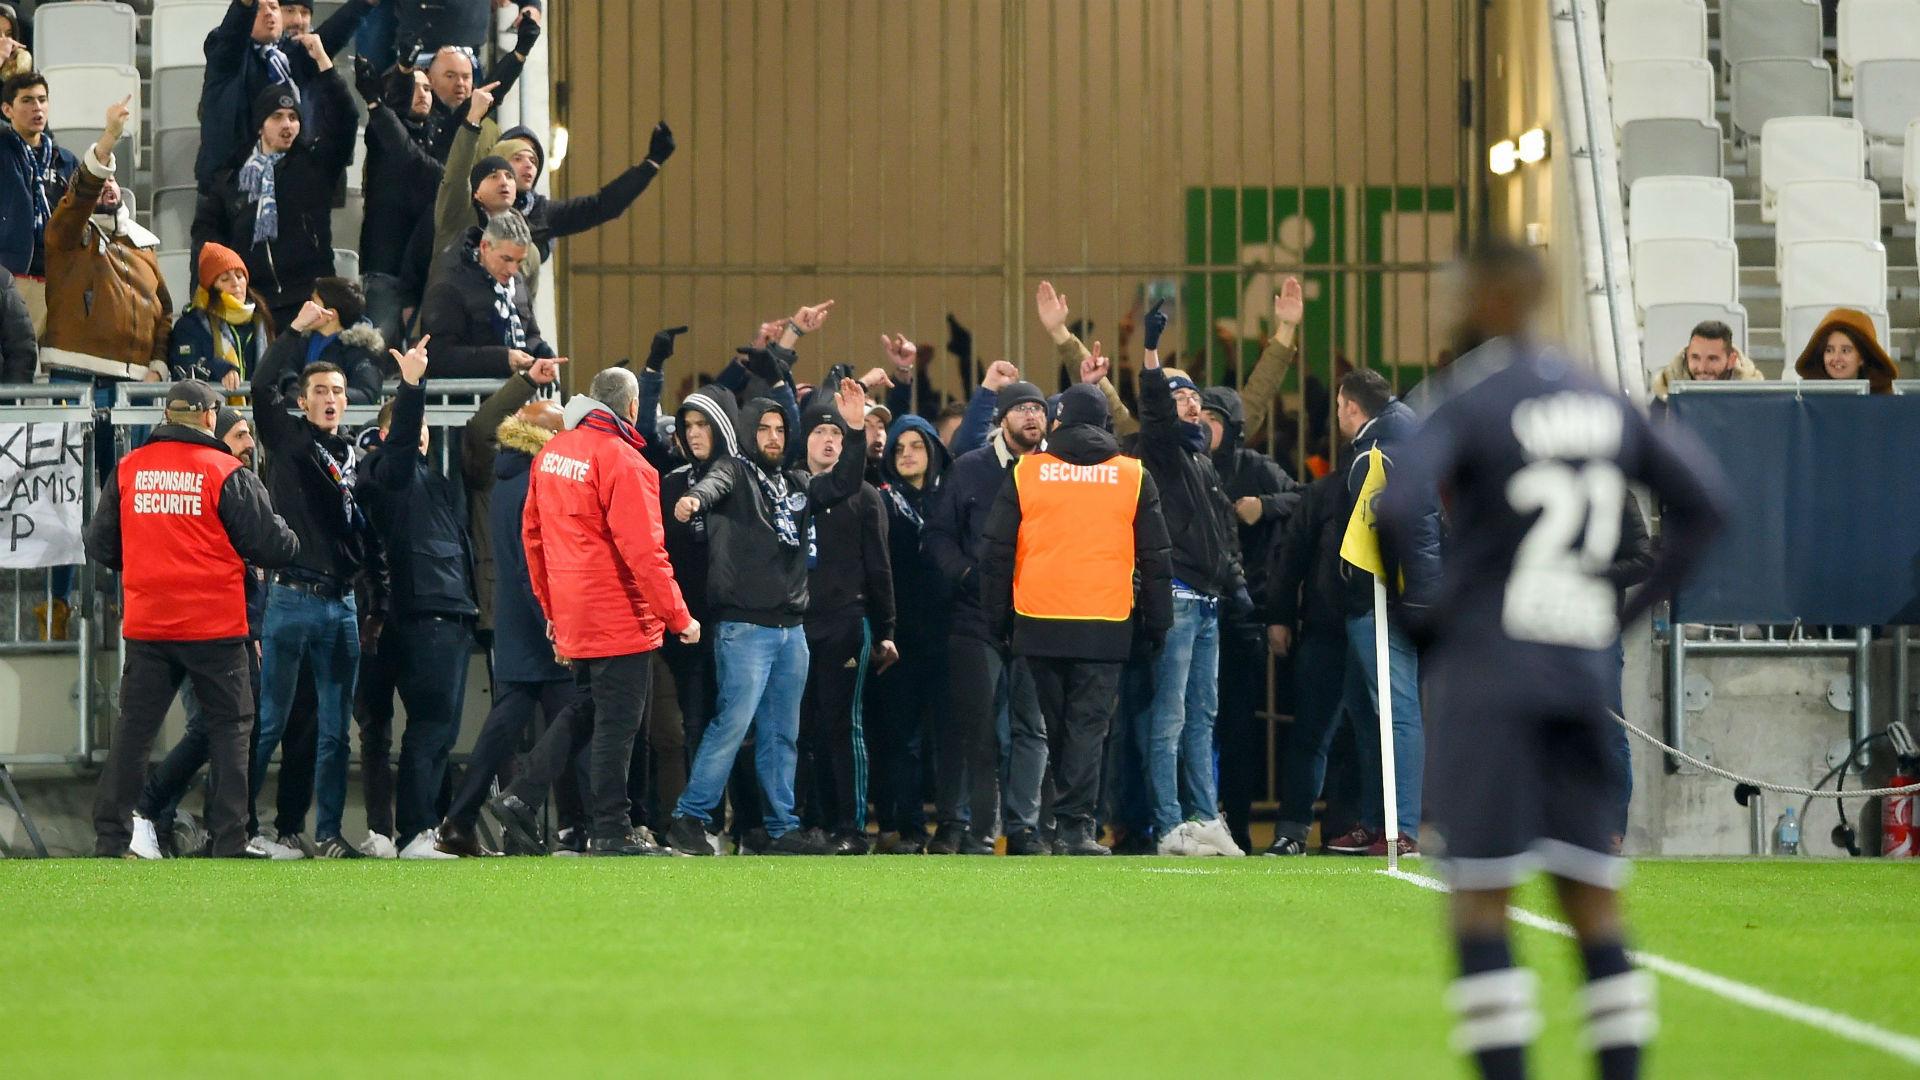 Bordeaux fans halt Nimes clash to protest against owners